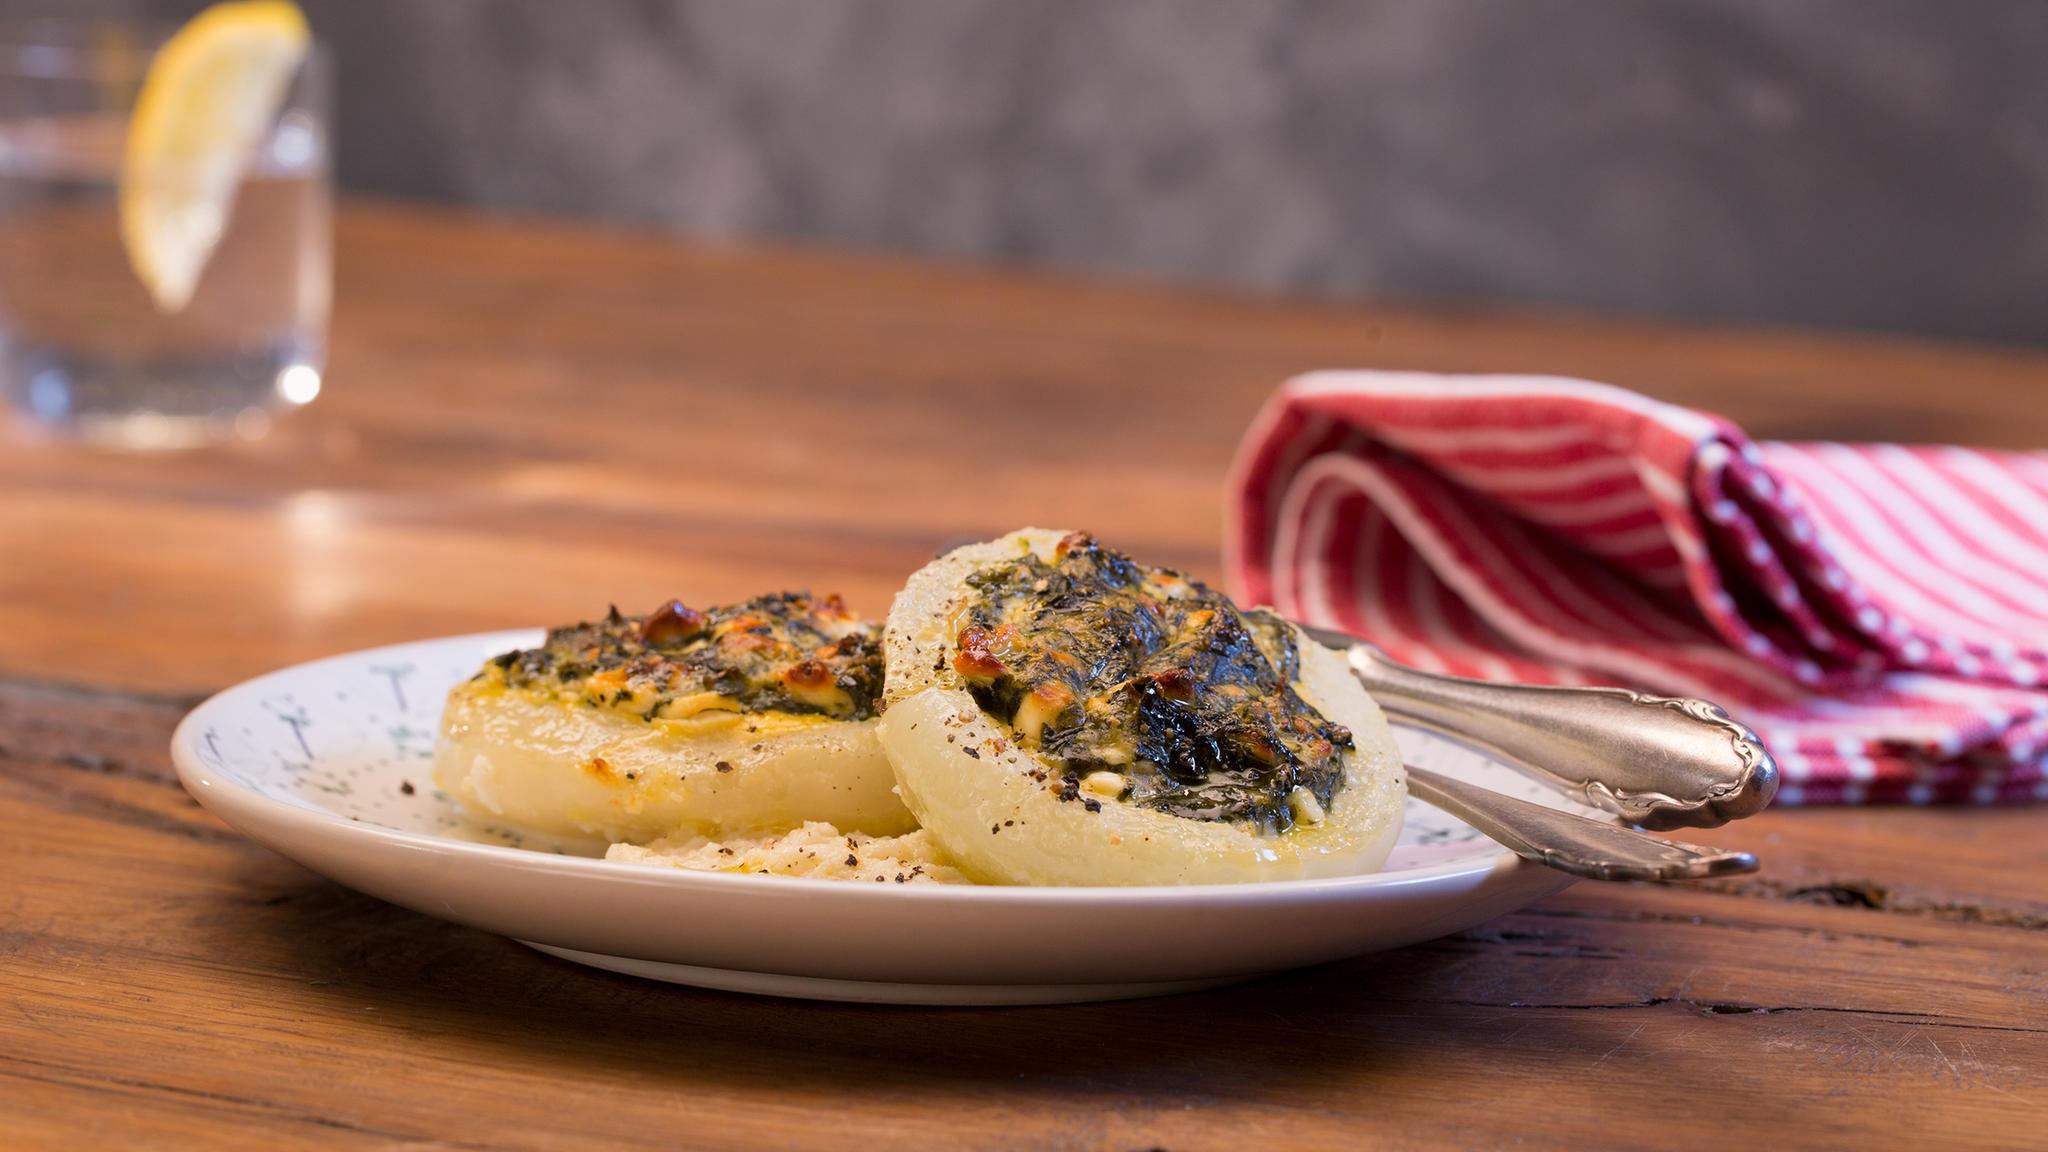 Sommerküche Brigitte : Leichte sommerküche brigitte leichte sommergerichte für abends